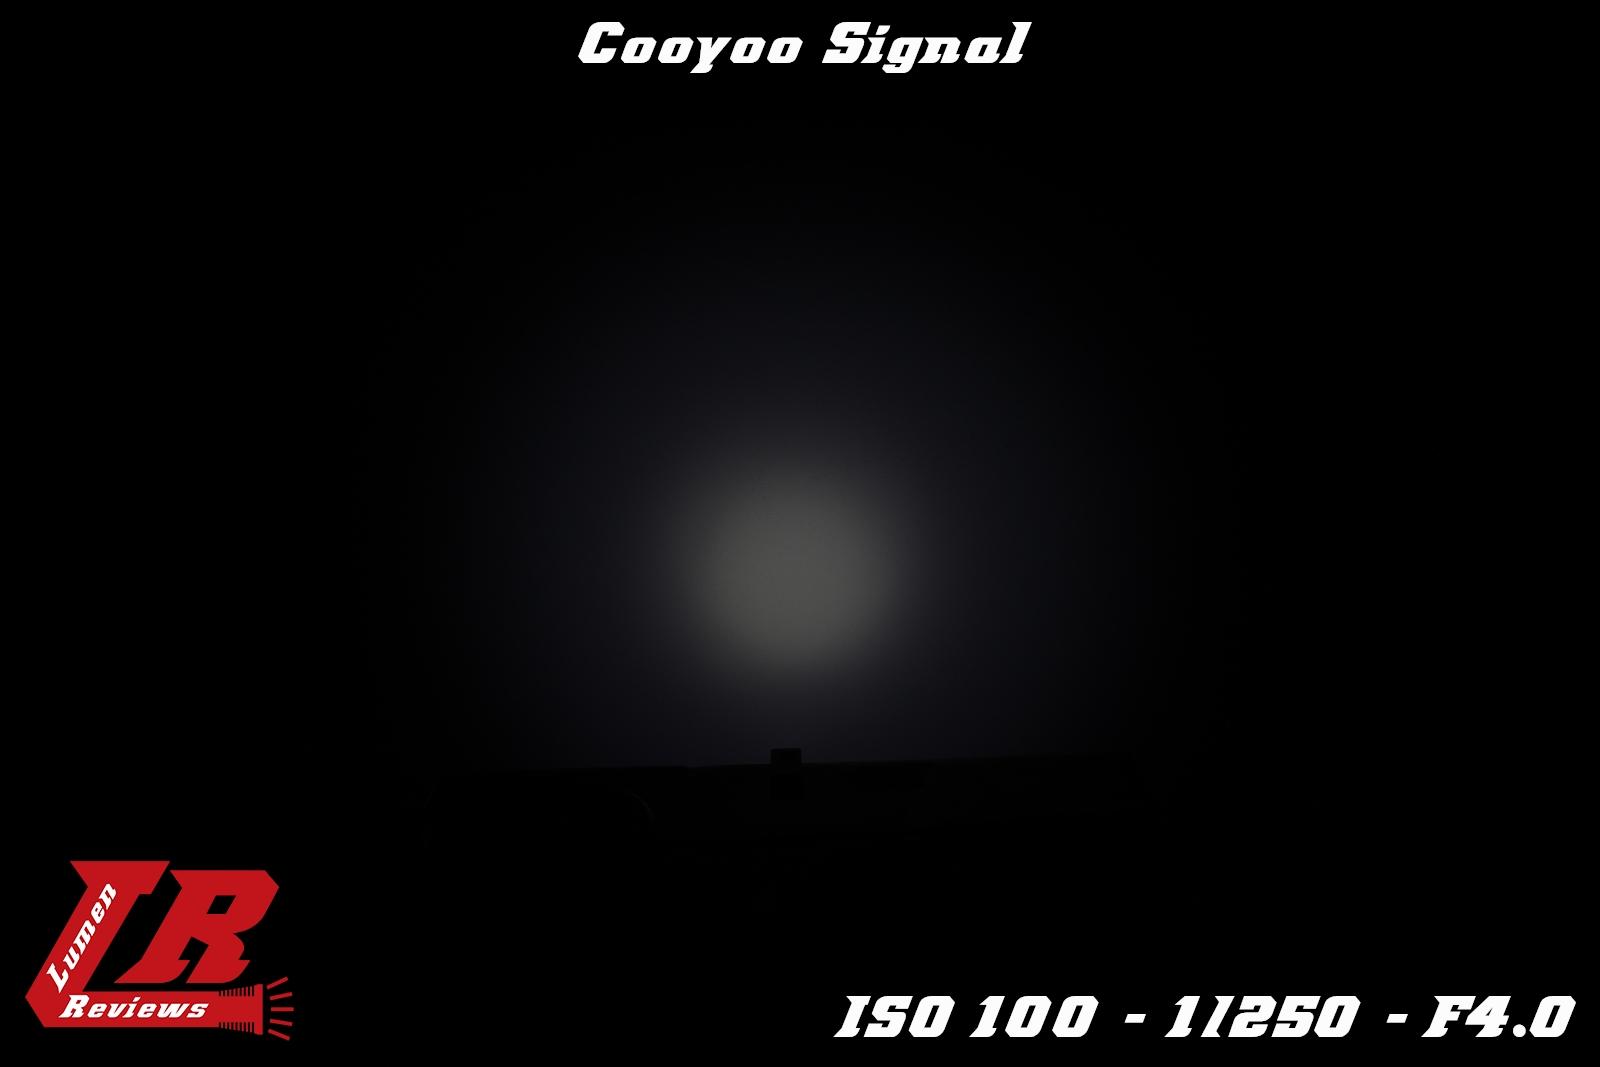 Cooyoo Usignal 18